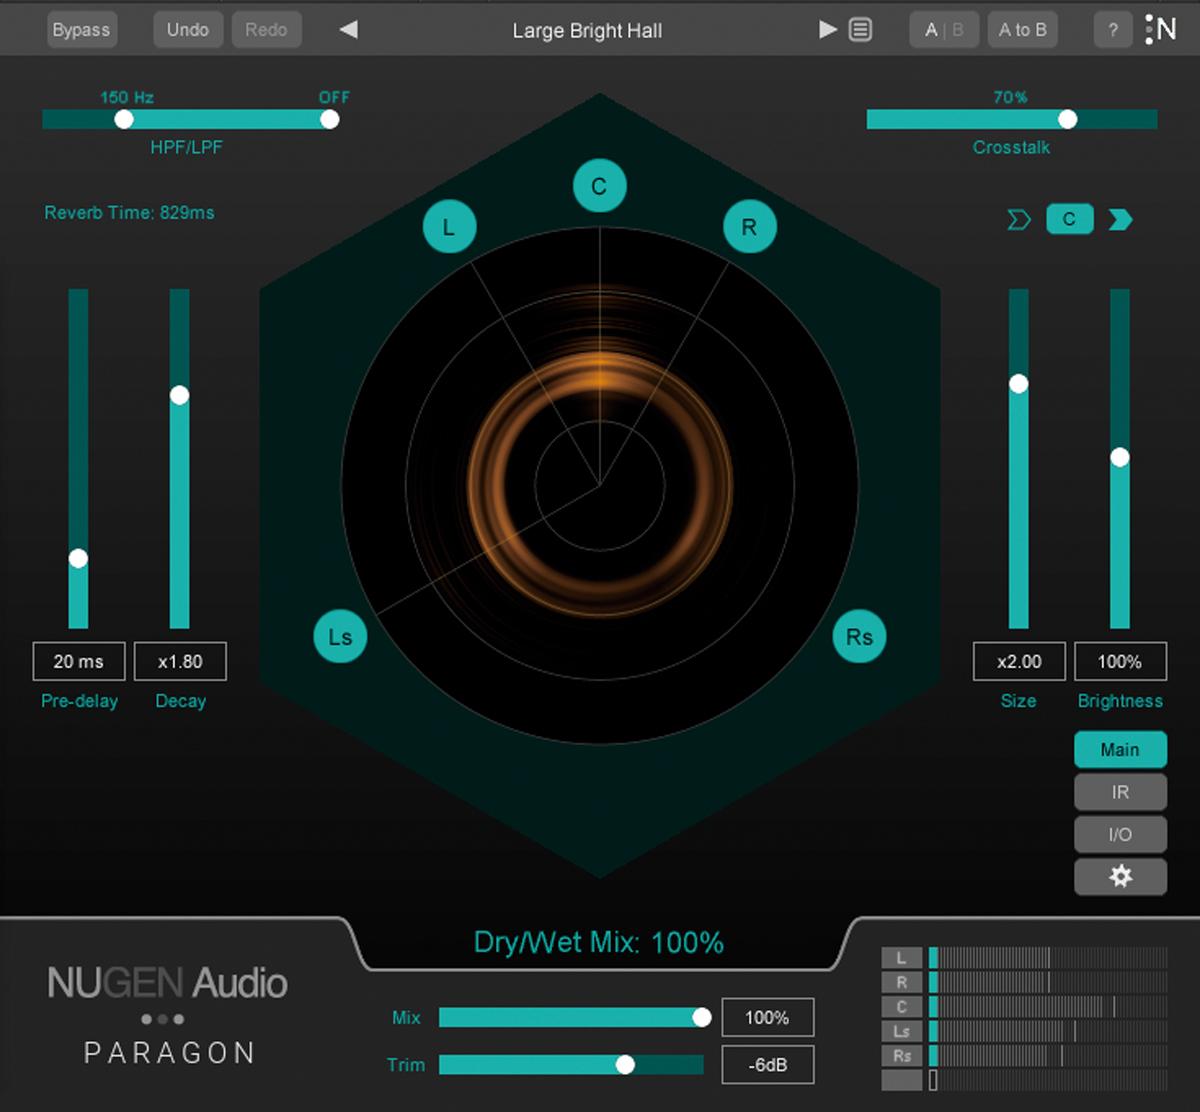 NUGEN AUDIOのコンボリューション・リバーブ・プラグイン「Paragon」